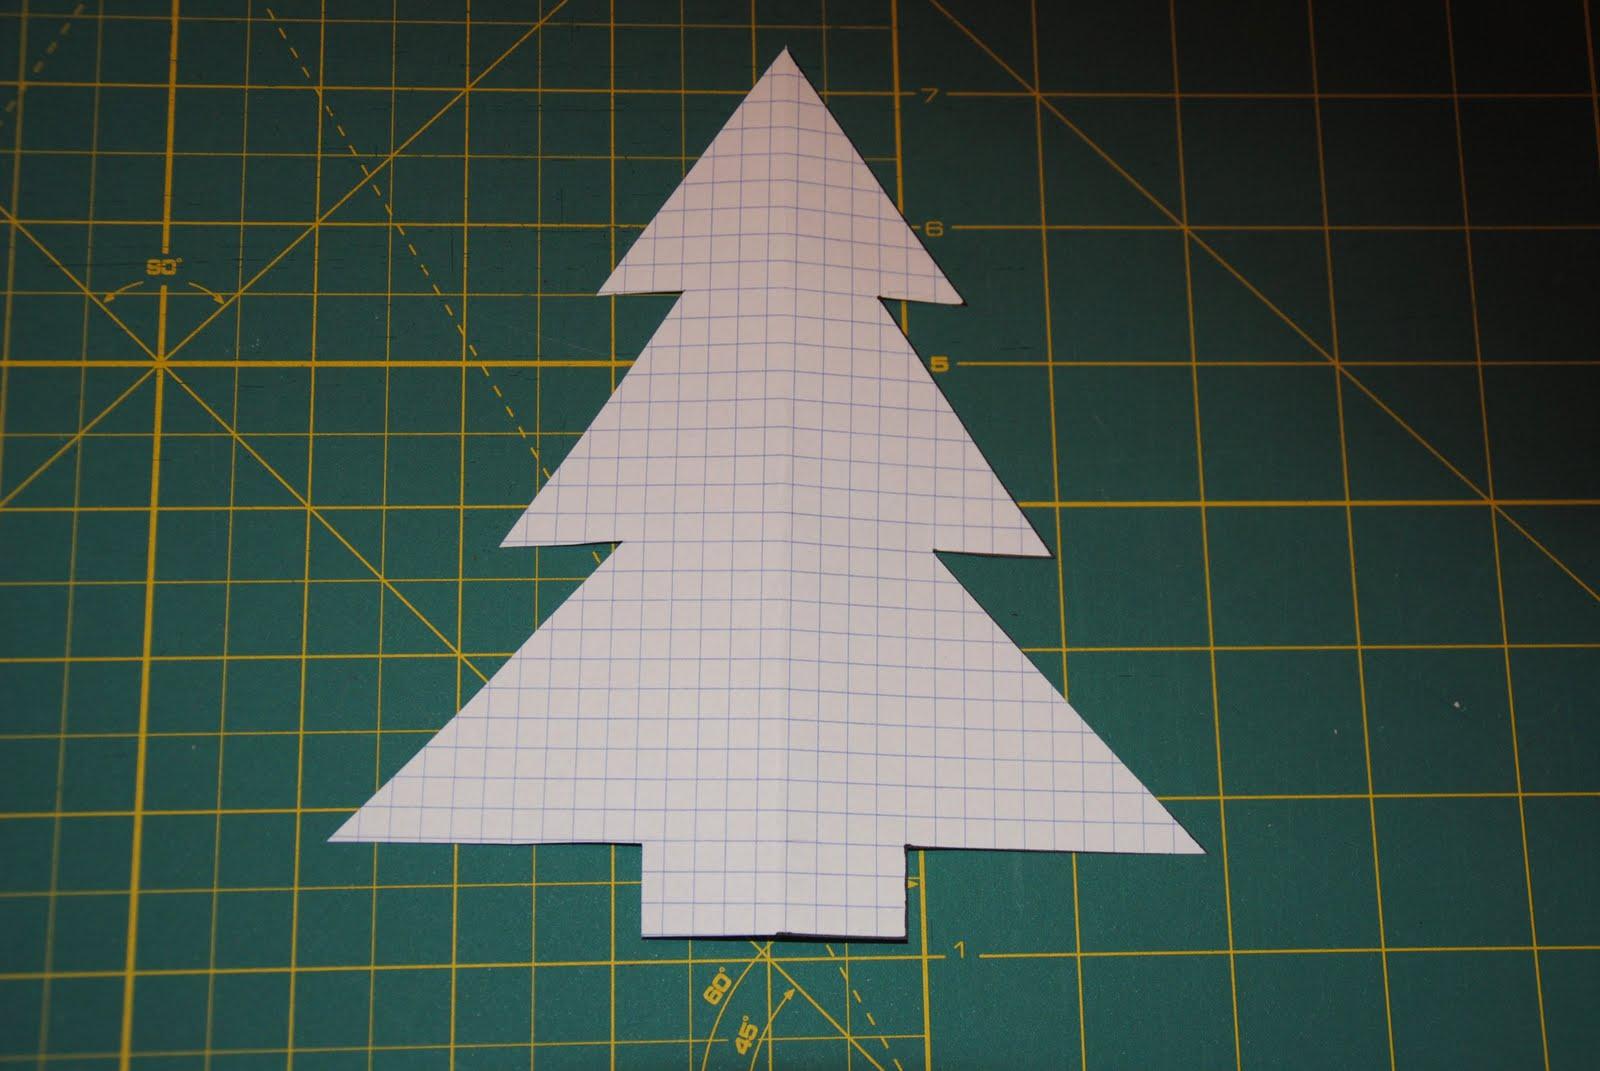 needle little balance tutorial wie ich einen weihnachtsbaum n he my way to sew a christmastree. Black Bedroom Furniture Sets. Home Design Ideas